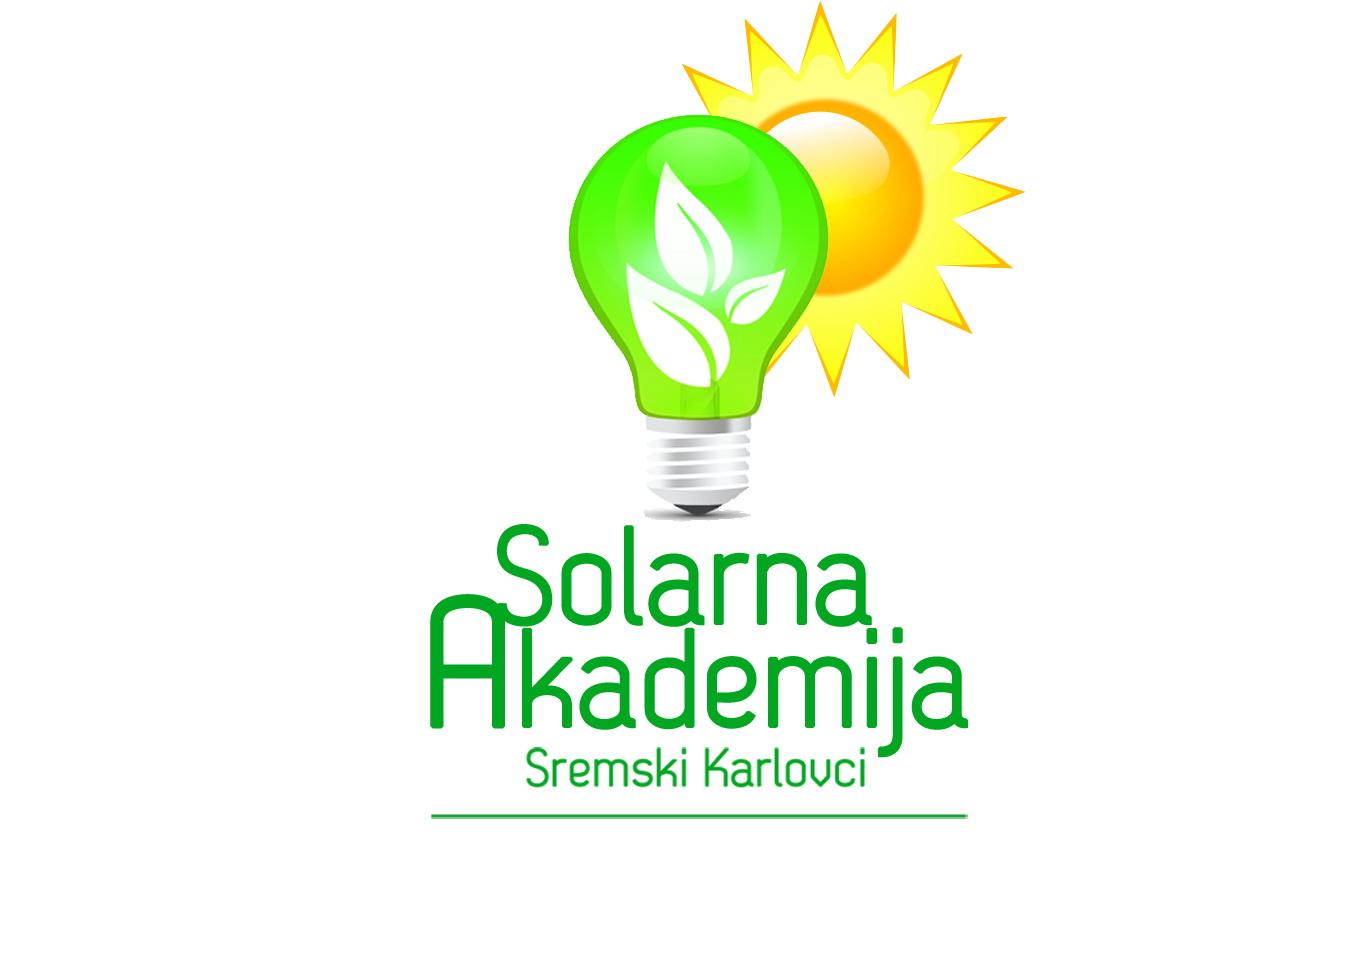 Solarna-Akademija